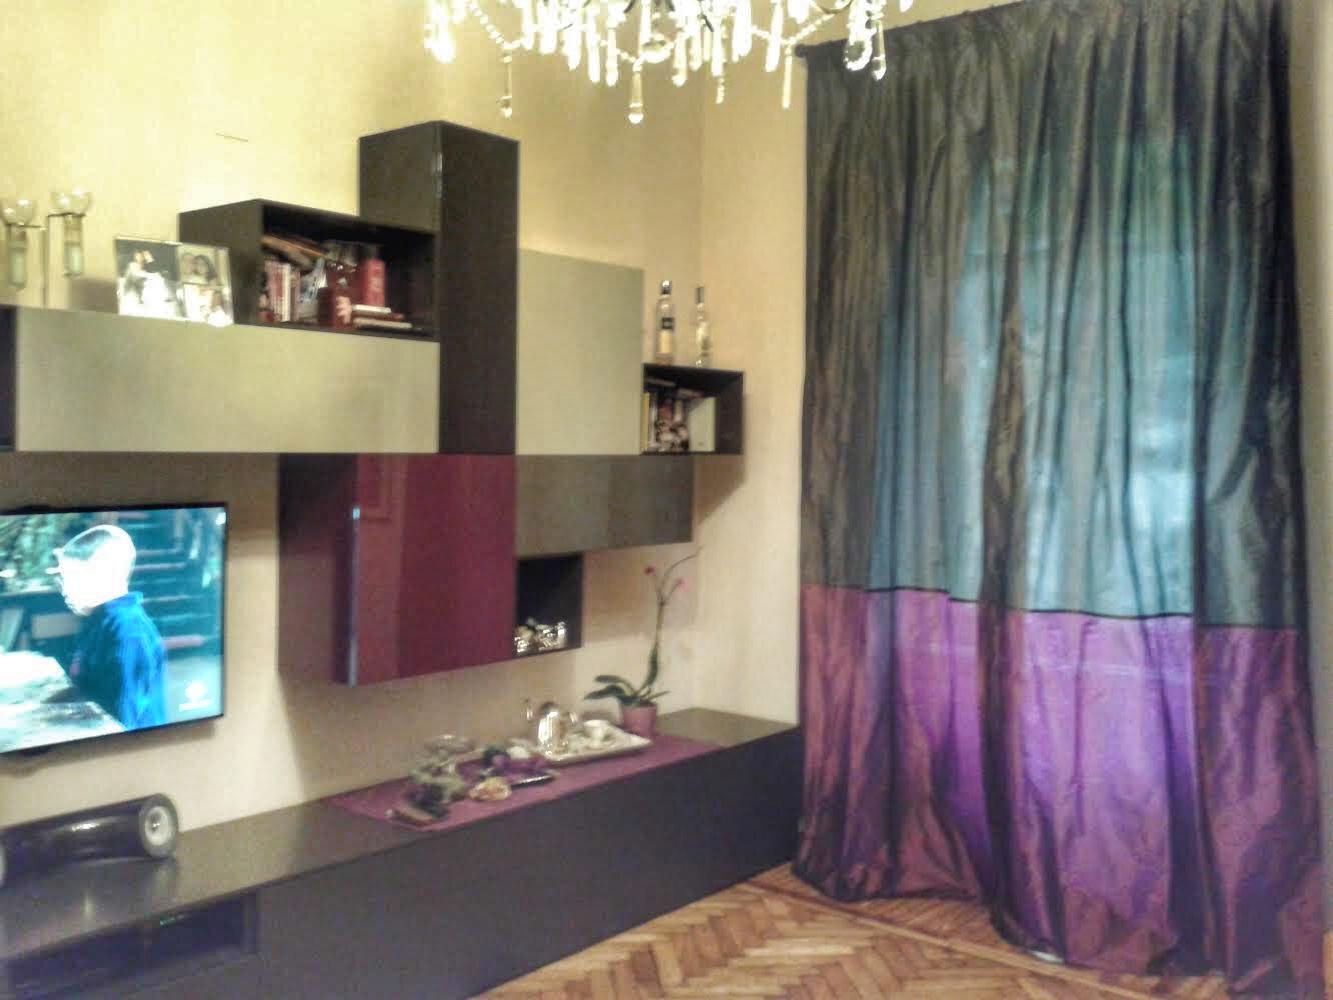 progettazione_zona_giorno_tendaggi_mobile_tv_sara_rombola_pink_house_torino_talenti_eventi_1